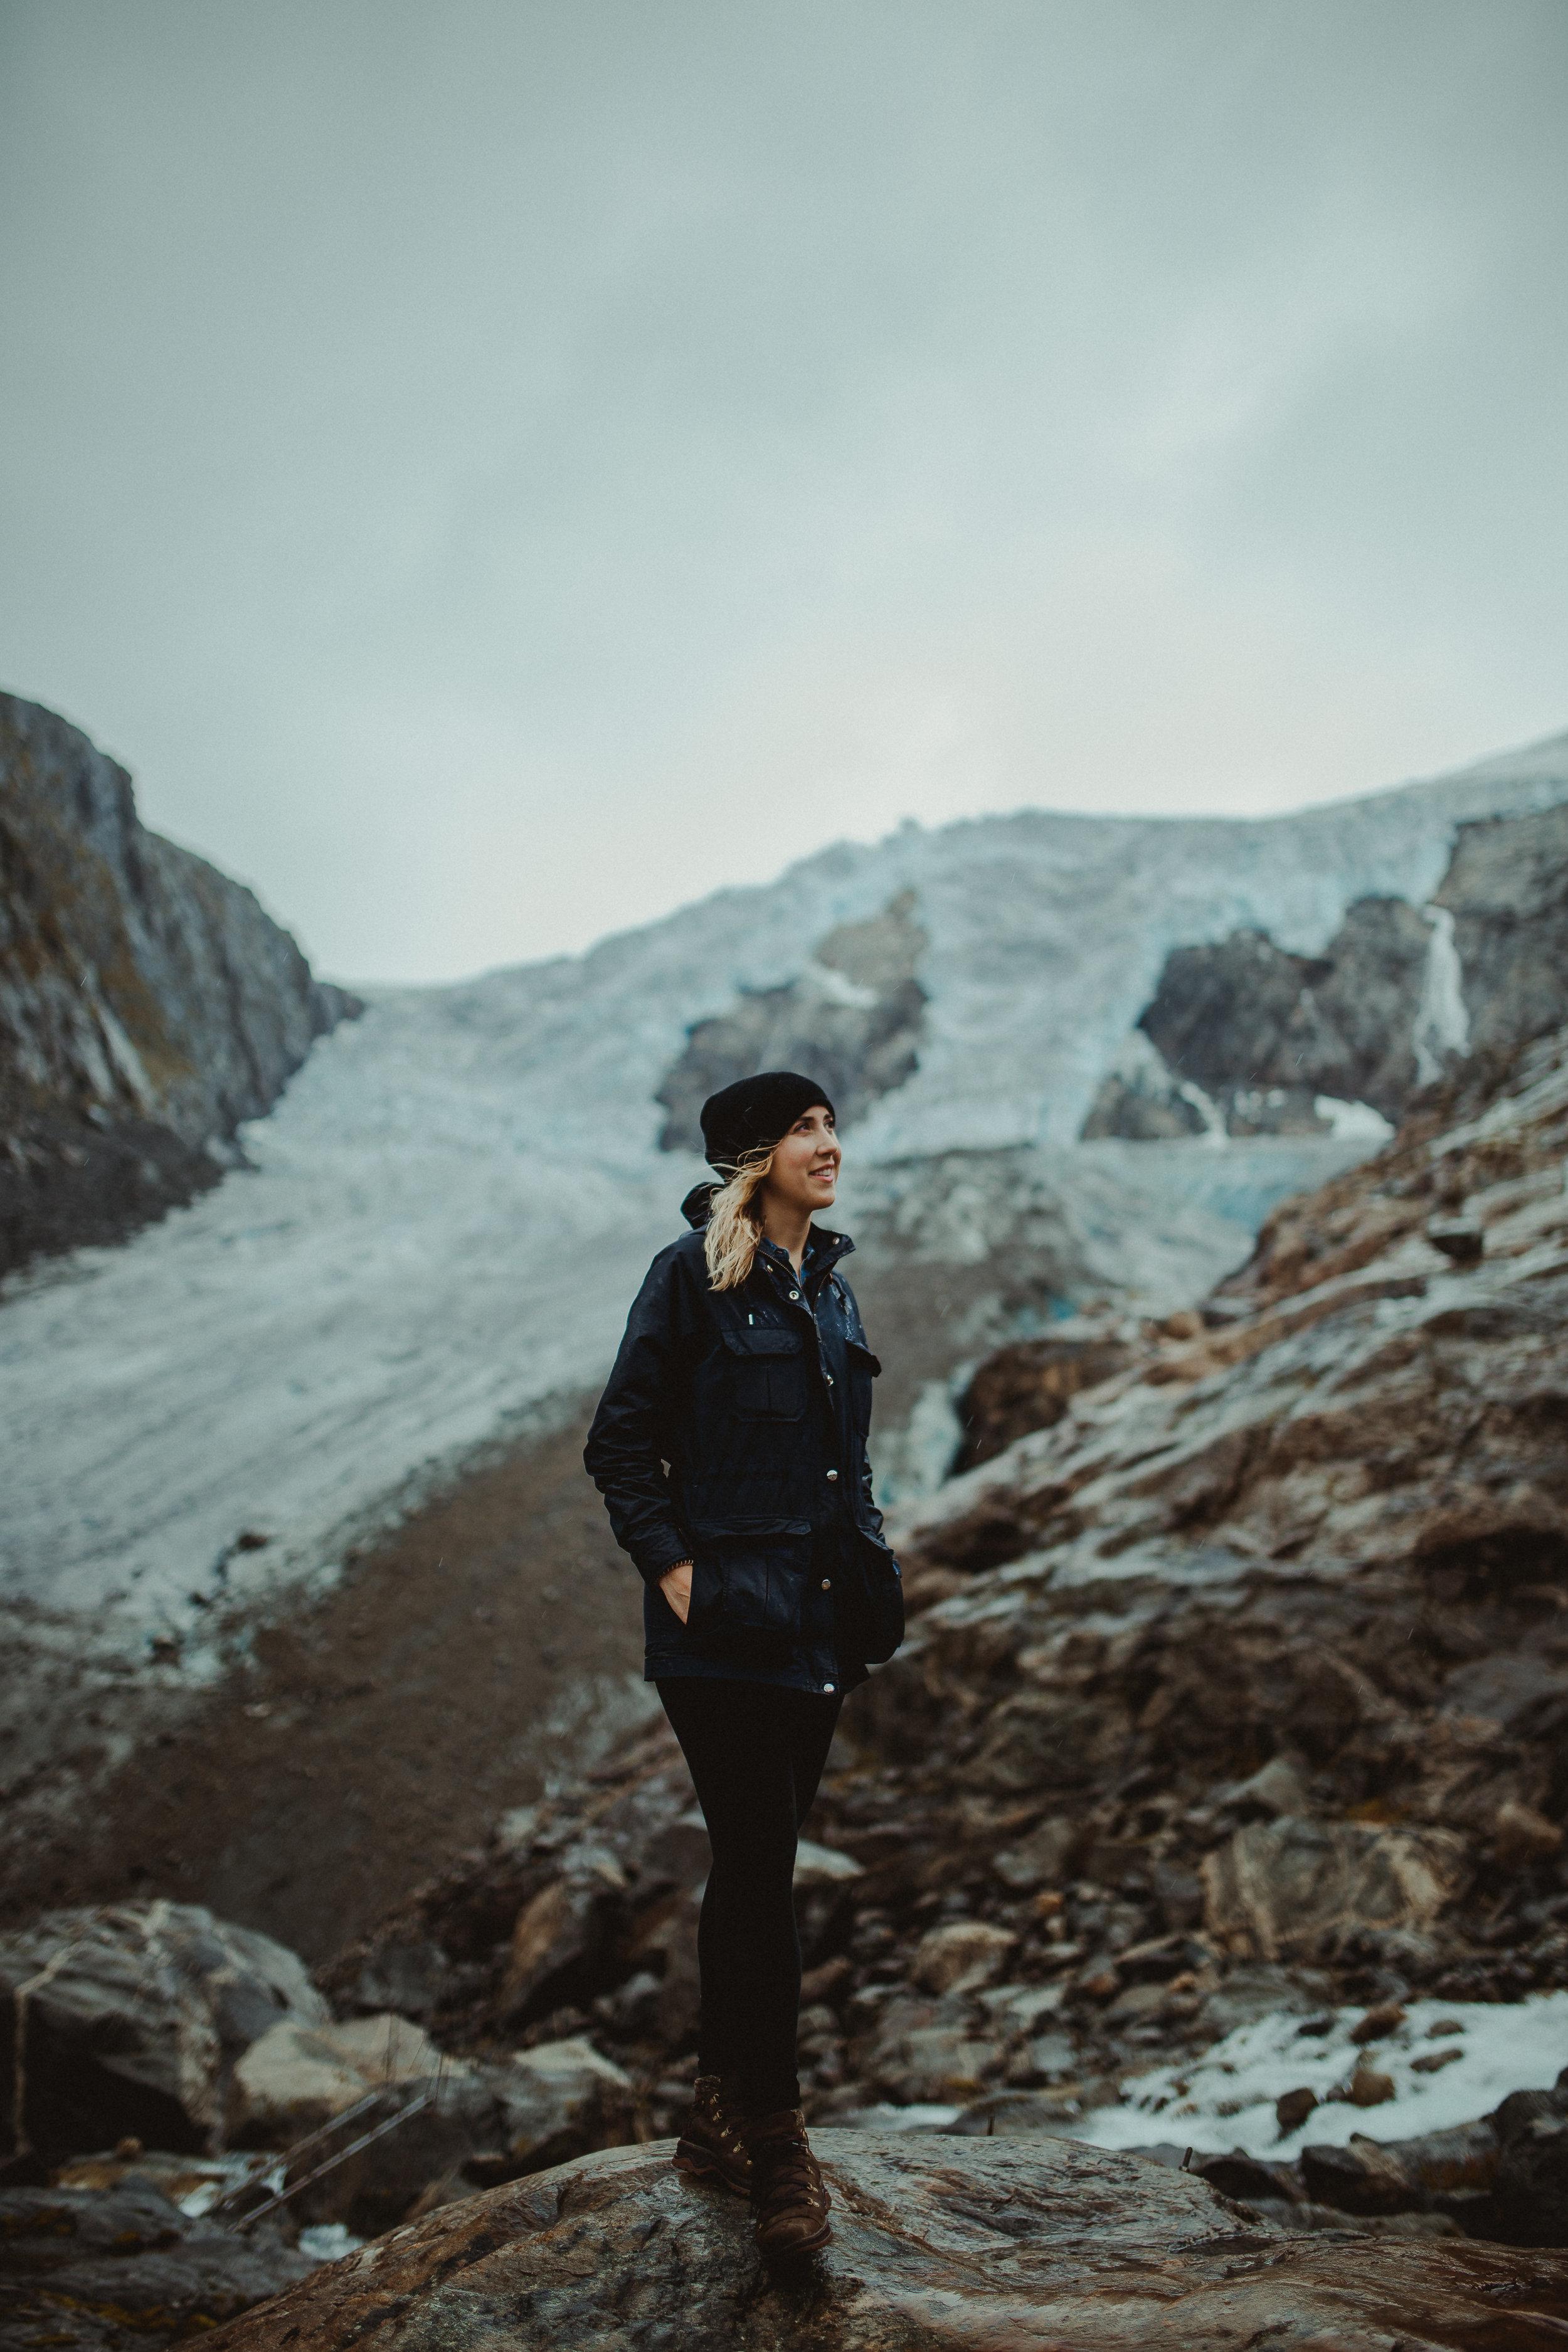 Beur, Norway_2017_09_05_065105-1593_GOP.jpg